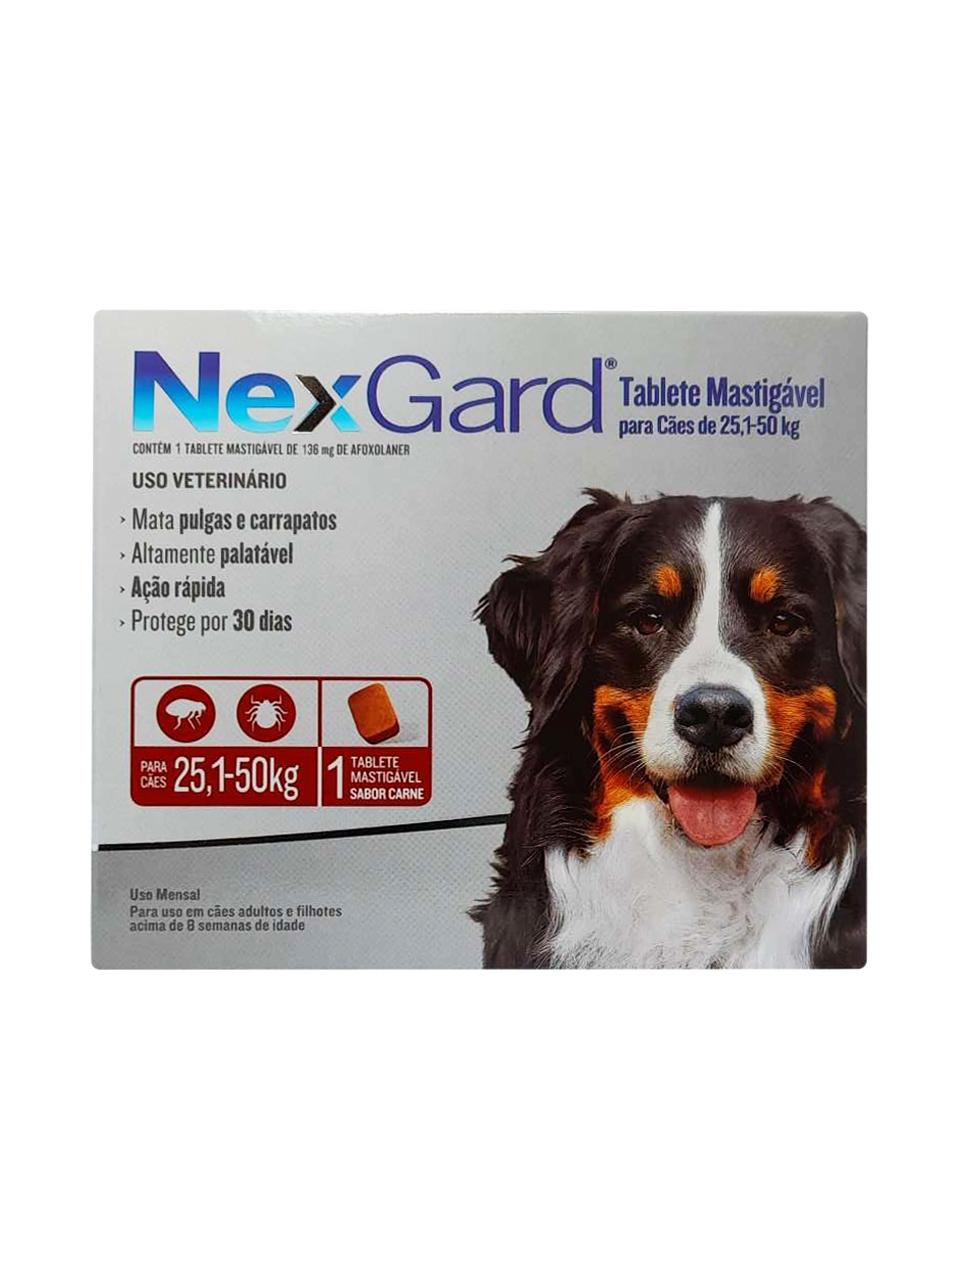 Antipulgas e Carrapatos NexGard 136 mg para Cães de 25,1 a 50 Kg - 1 Tablete